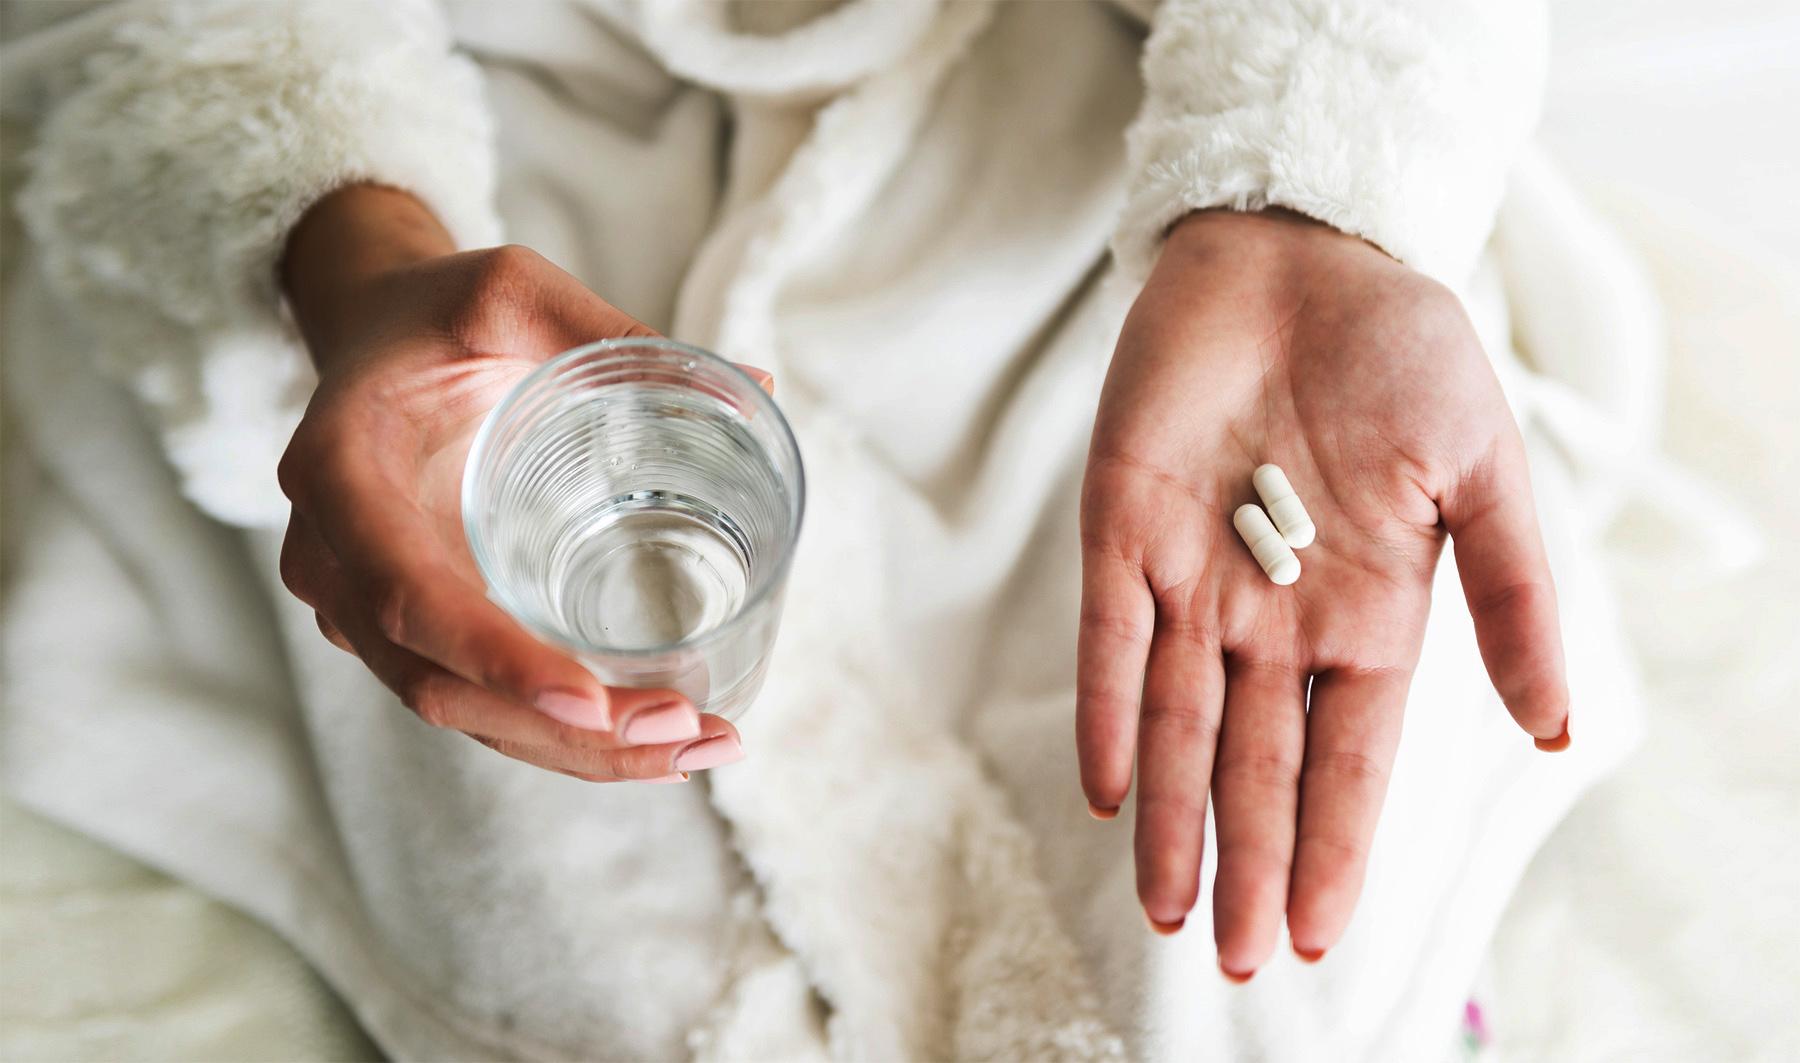 Kwas foliowy przed ciążą – dlaczego i jak go przyjmować?